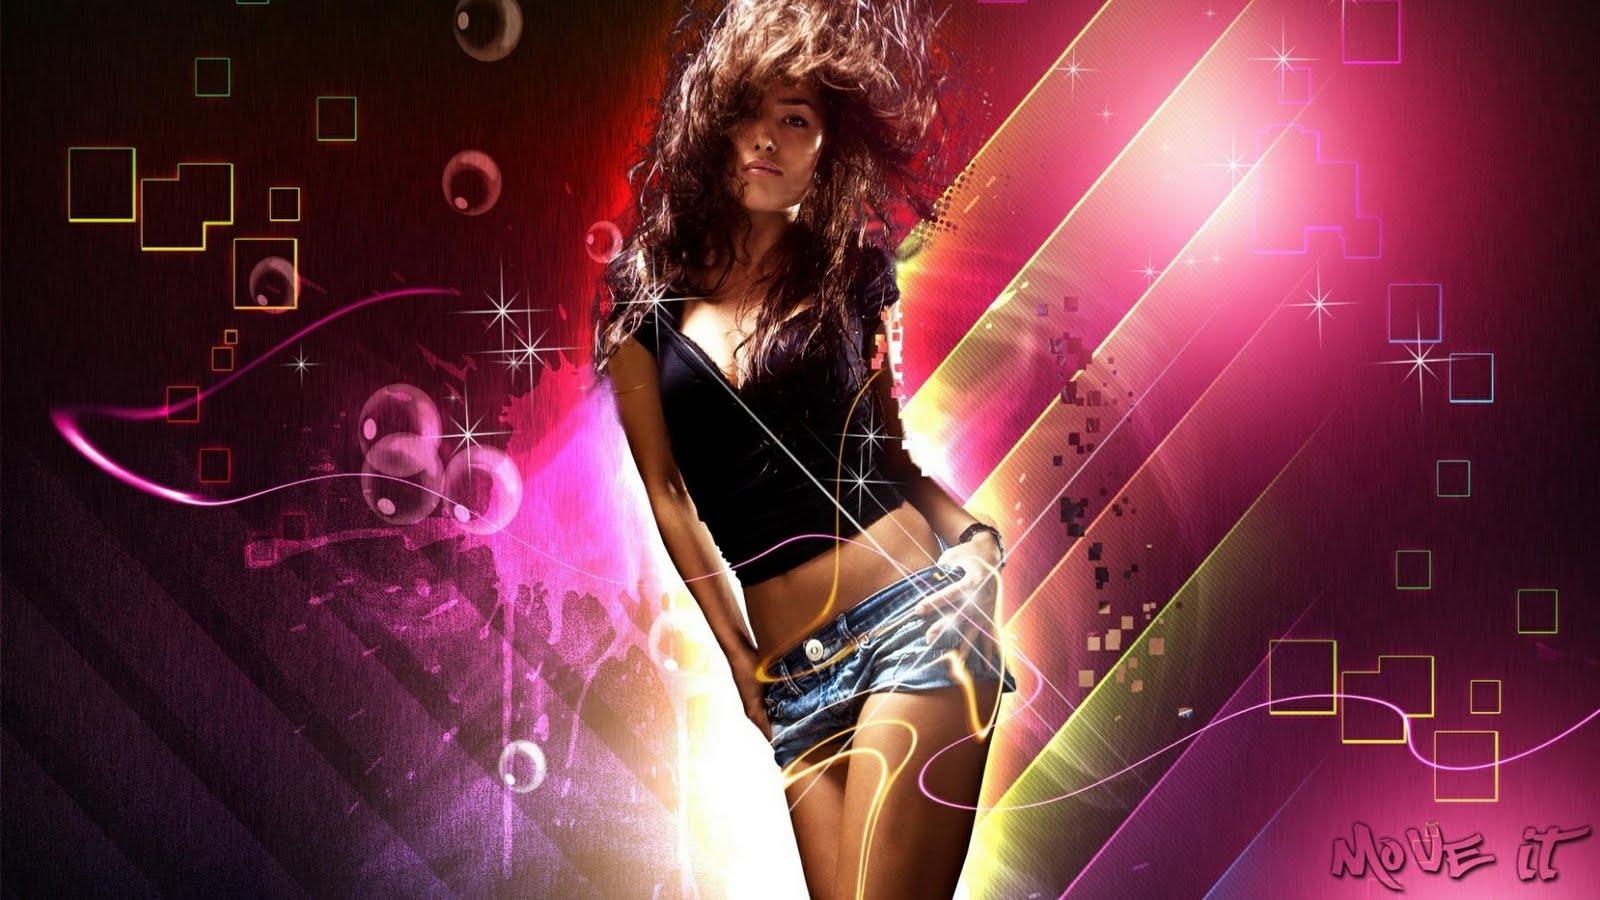 3d Girl Dance Hd Wallpapers: Music Girl Wallpaper HD